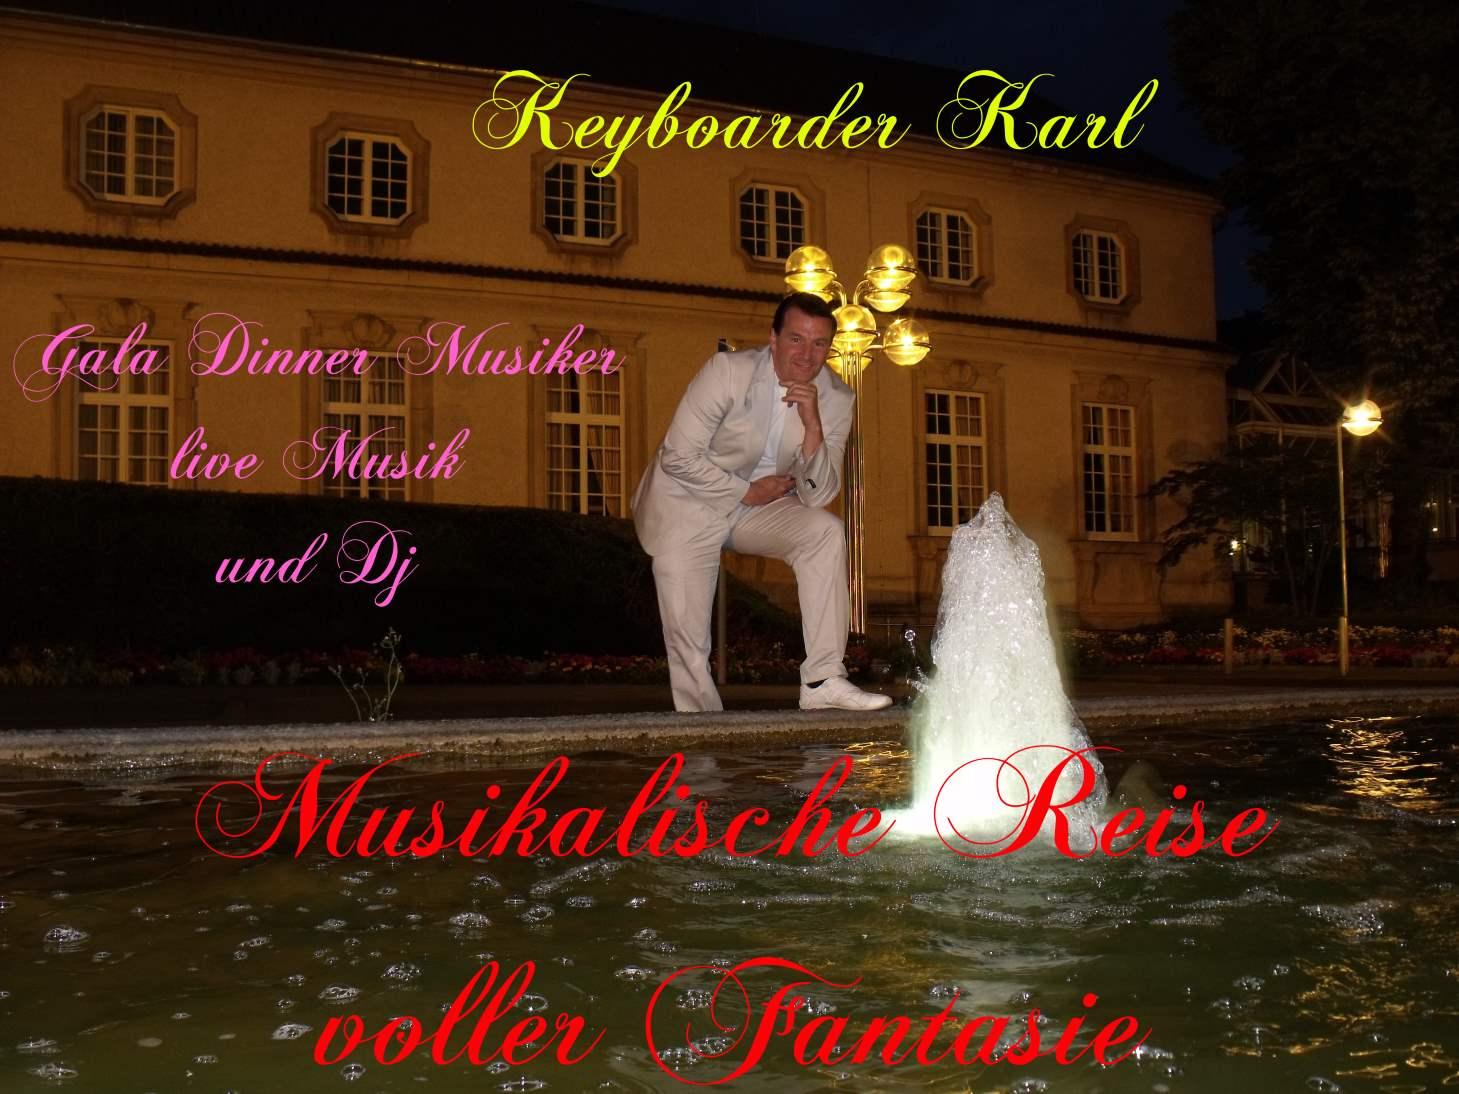 Alleinunterhalter Nrw mit Live Musik und Party DJ Nrw hier zum Festpreis in Nordrhein-Westfalen buchen